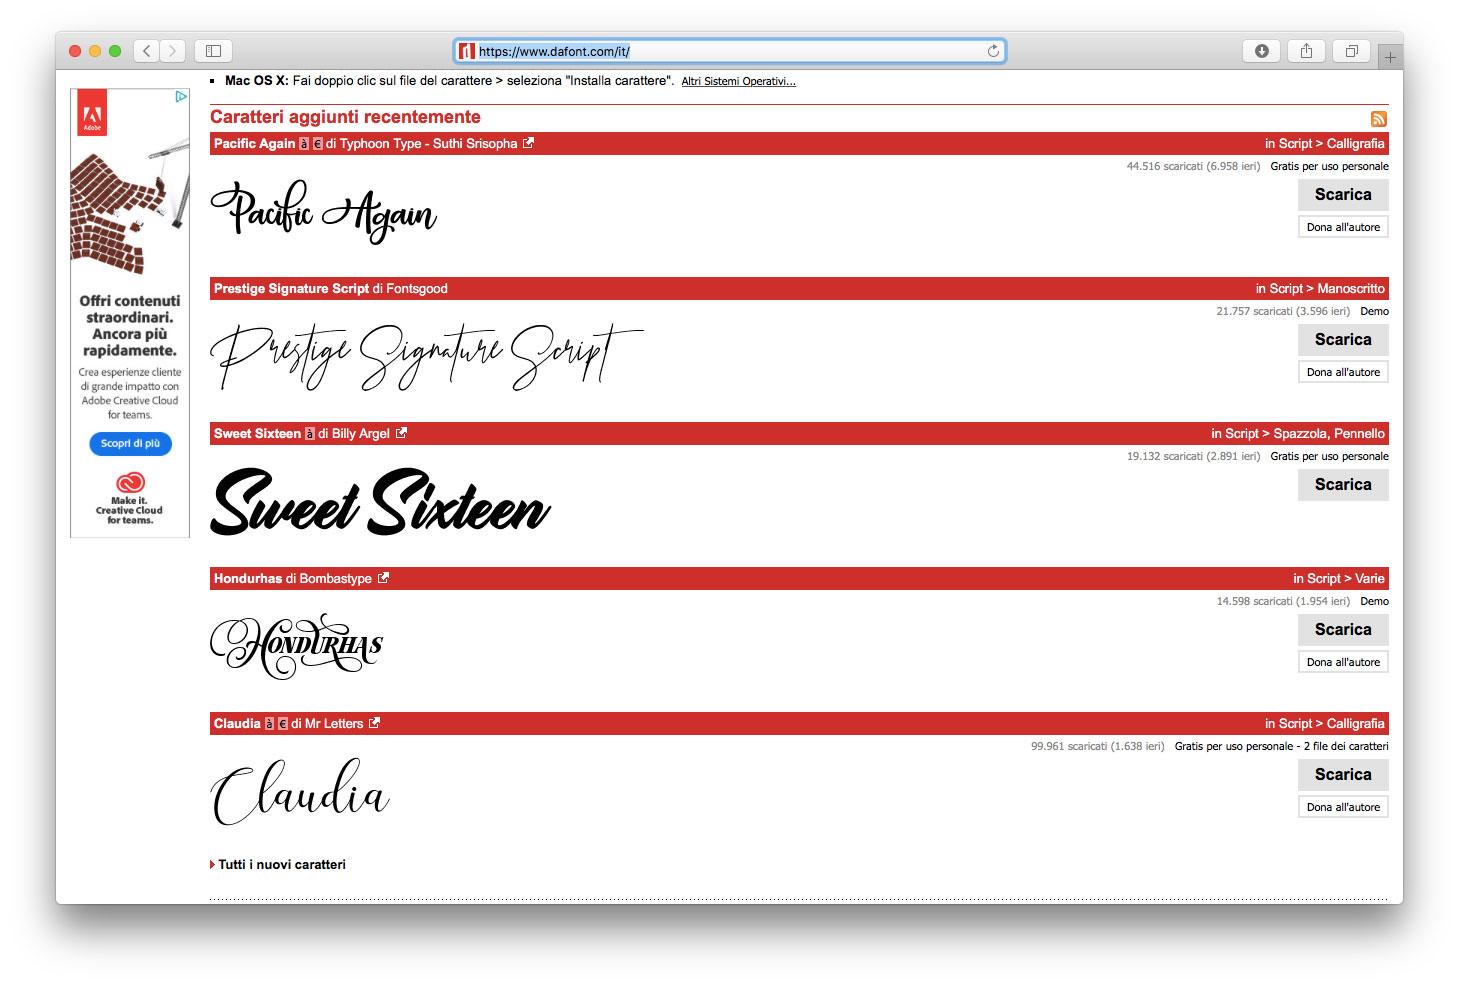 La home page di Dafont